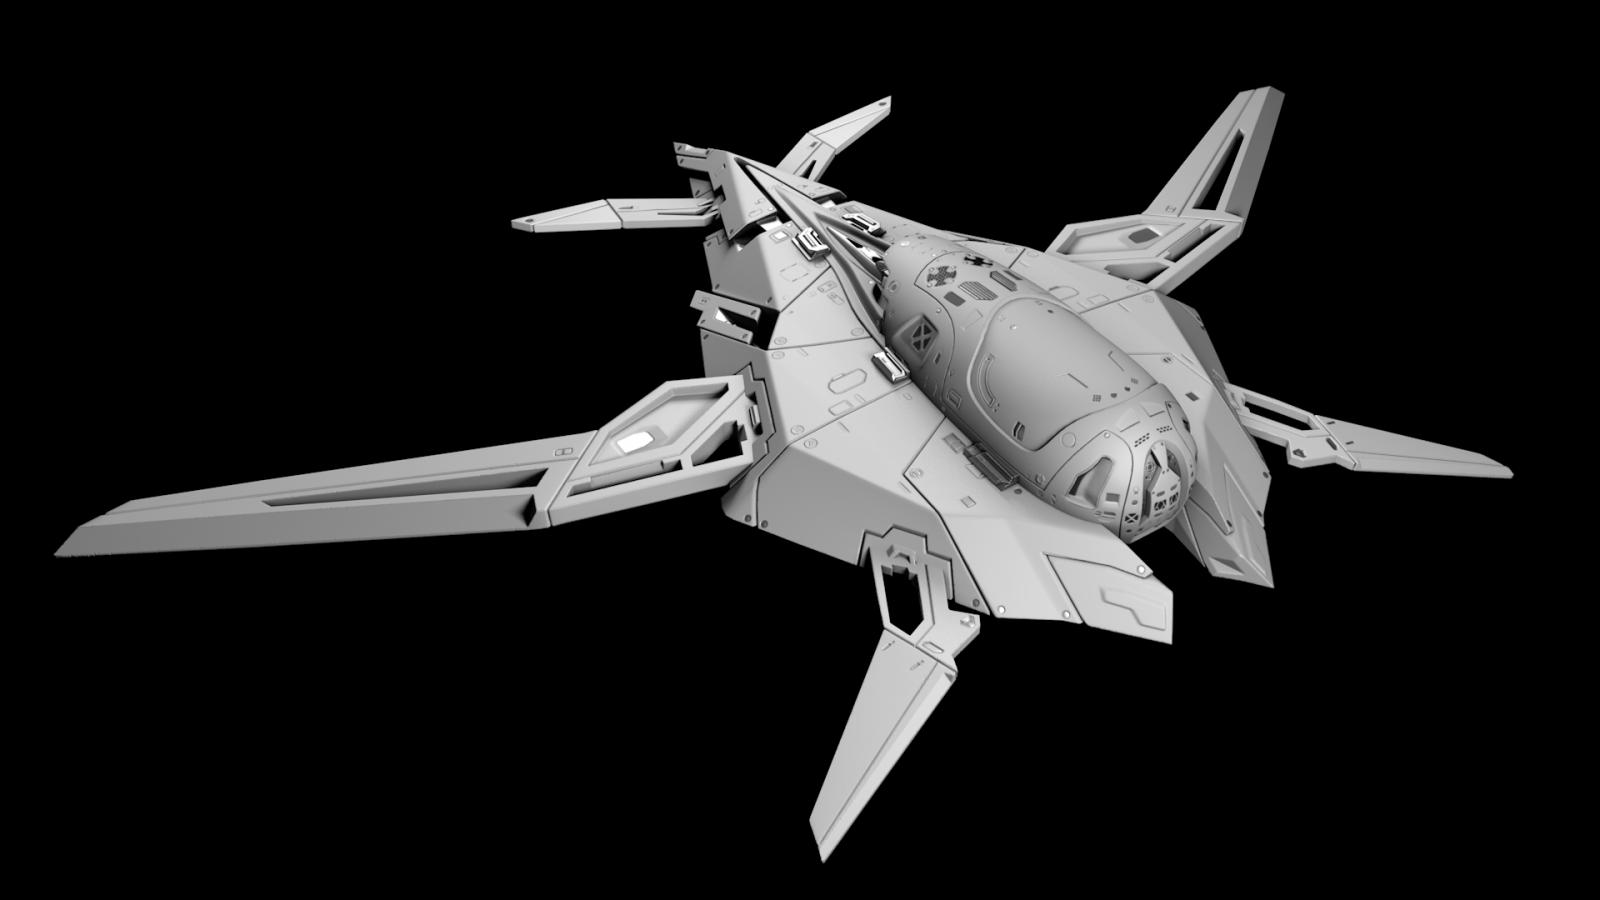 X-flier-1080-1.png